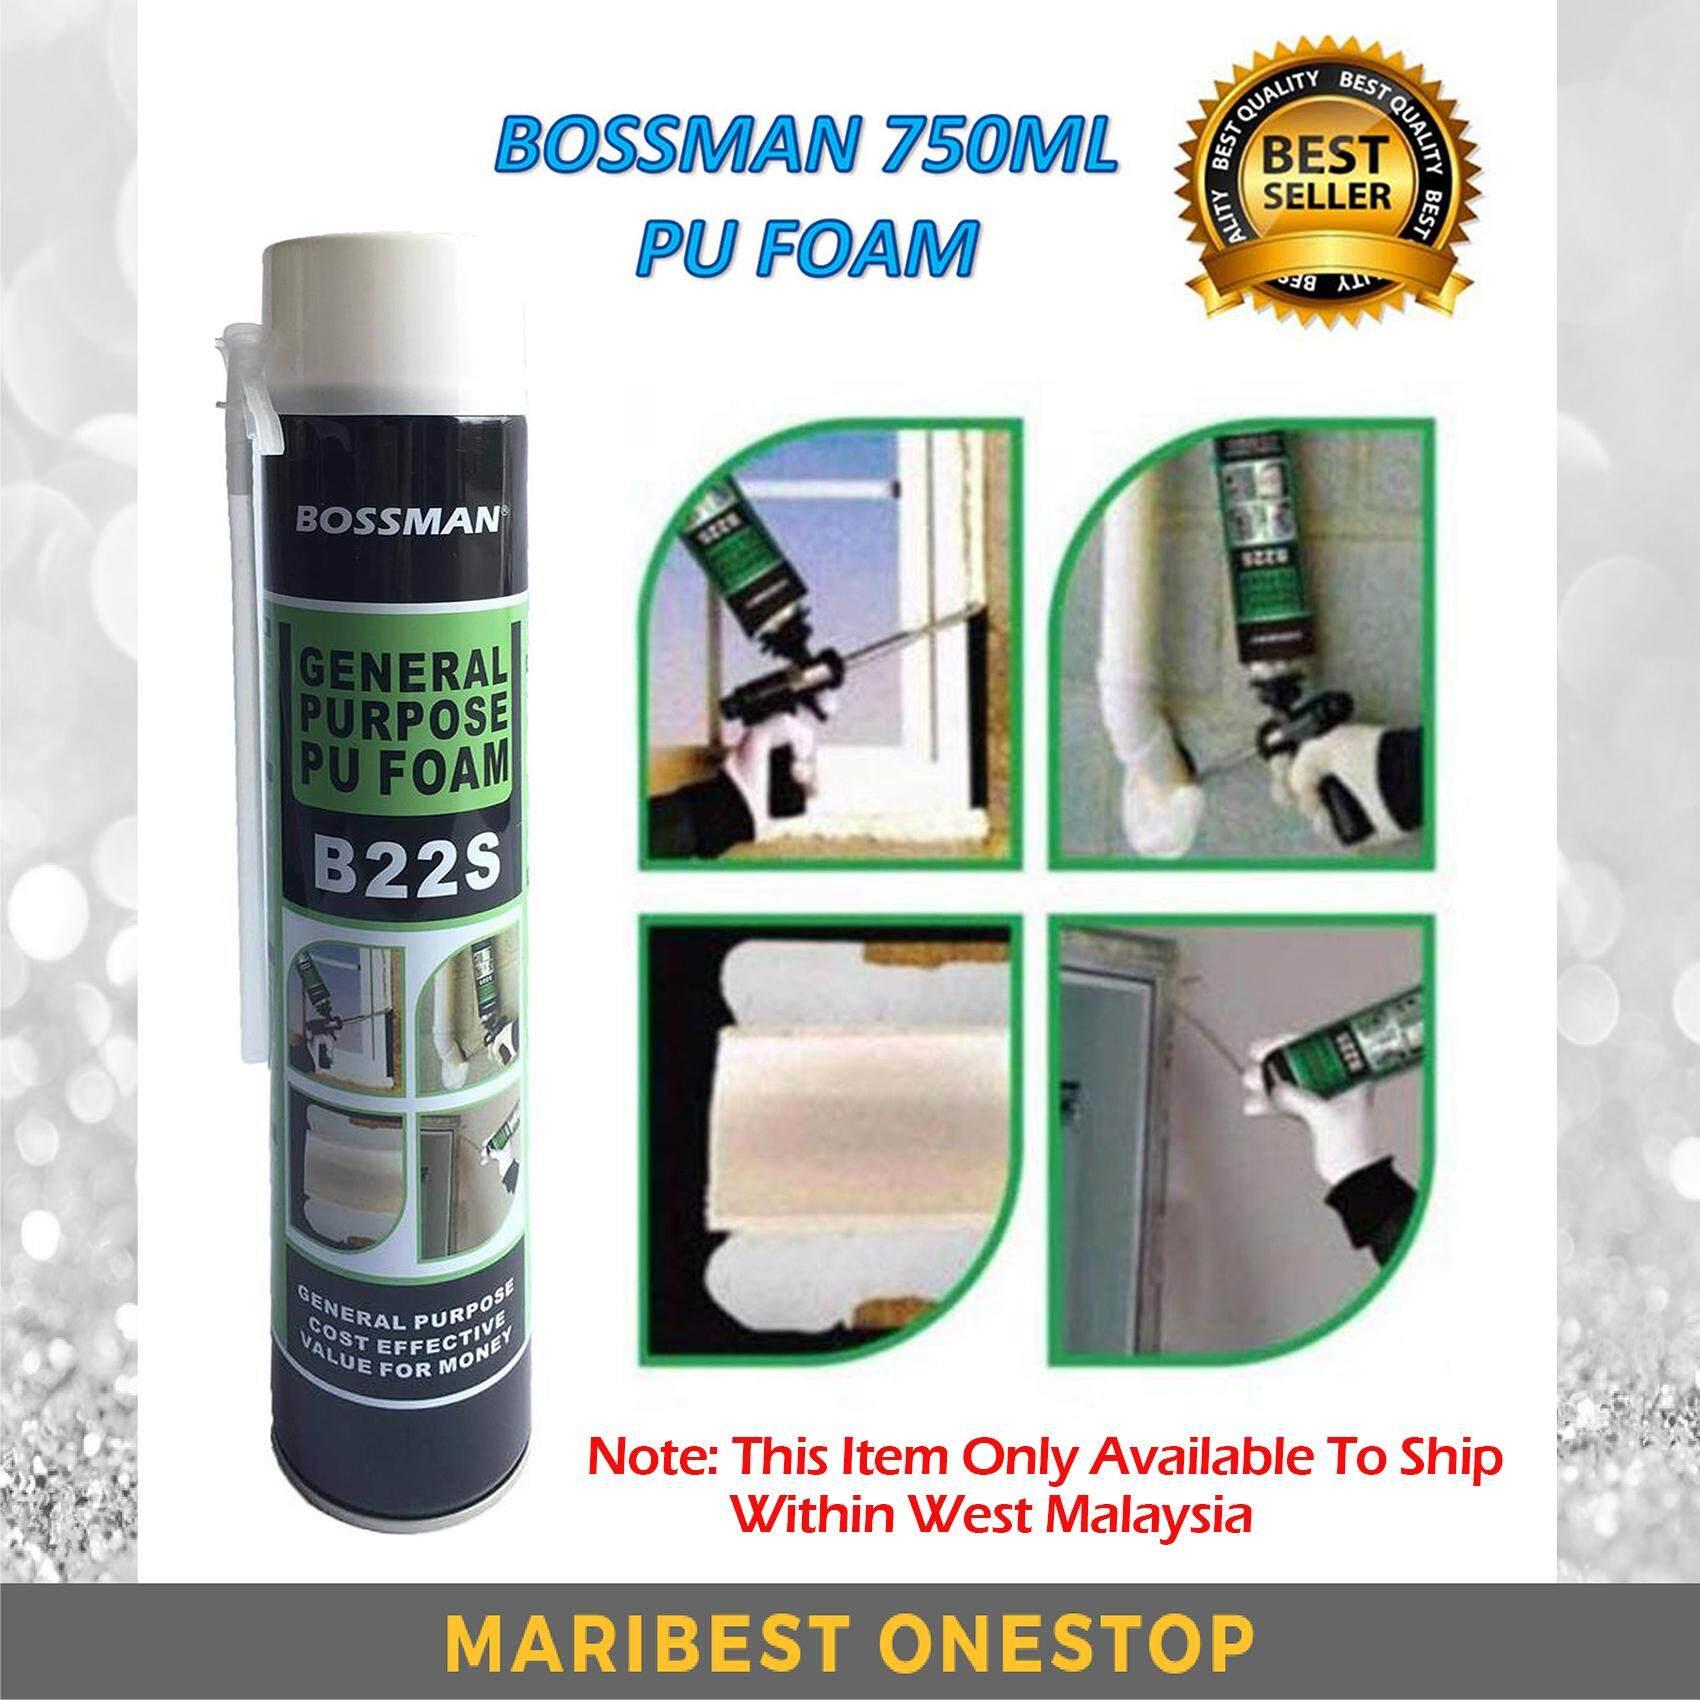 B22S BOSSMAN 750ML PU FOAM, GENERAL PURPOSE PU FOAM